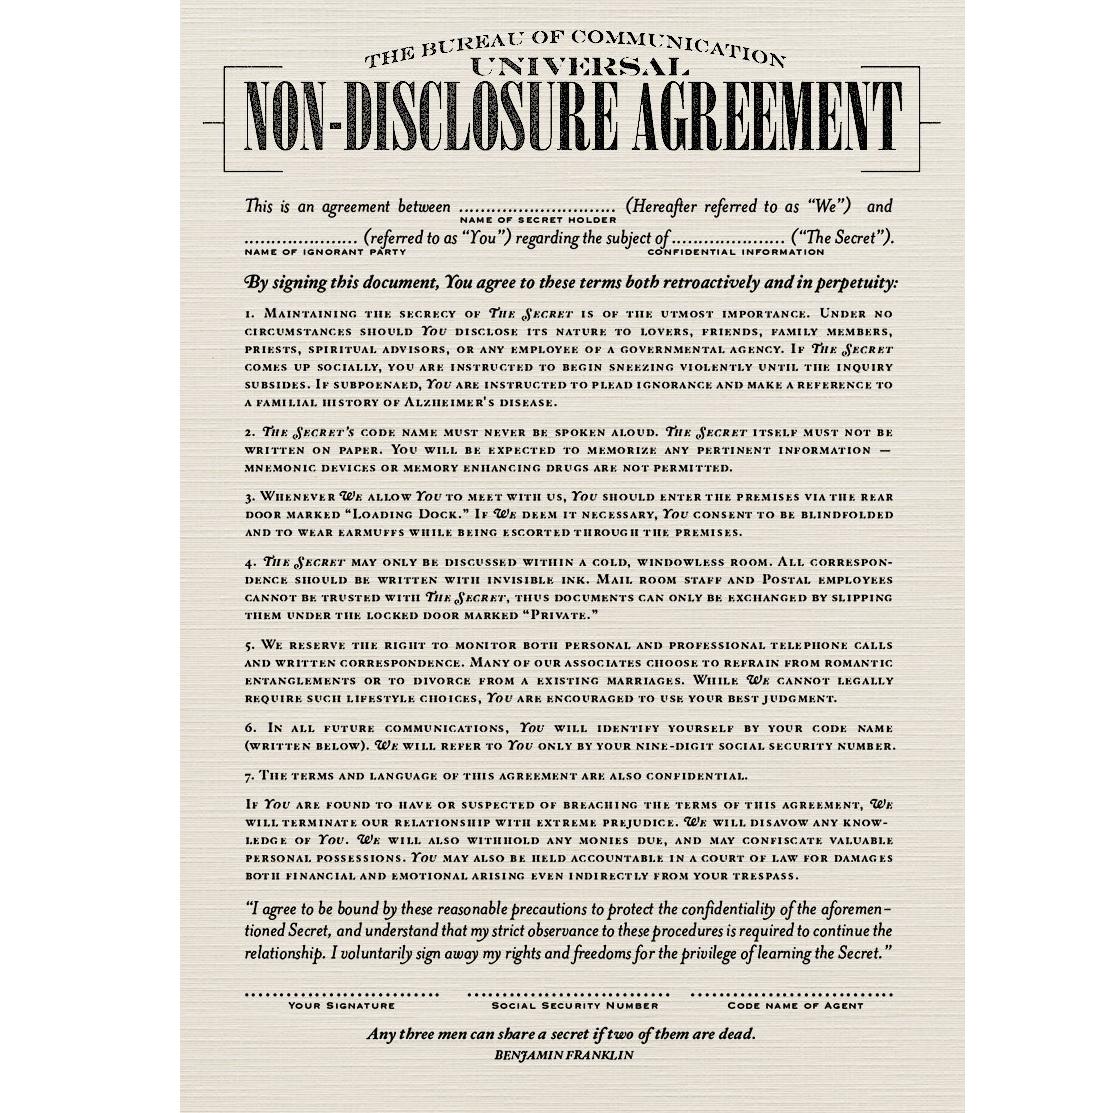 Рис. 1. Старое соглашение о неразглашении Universal